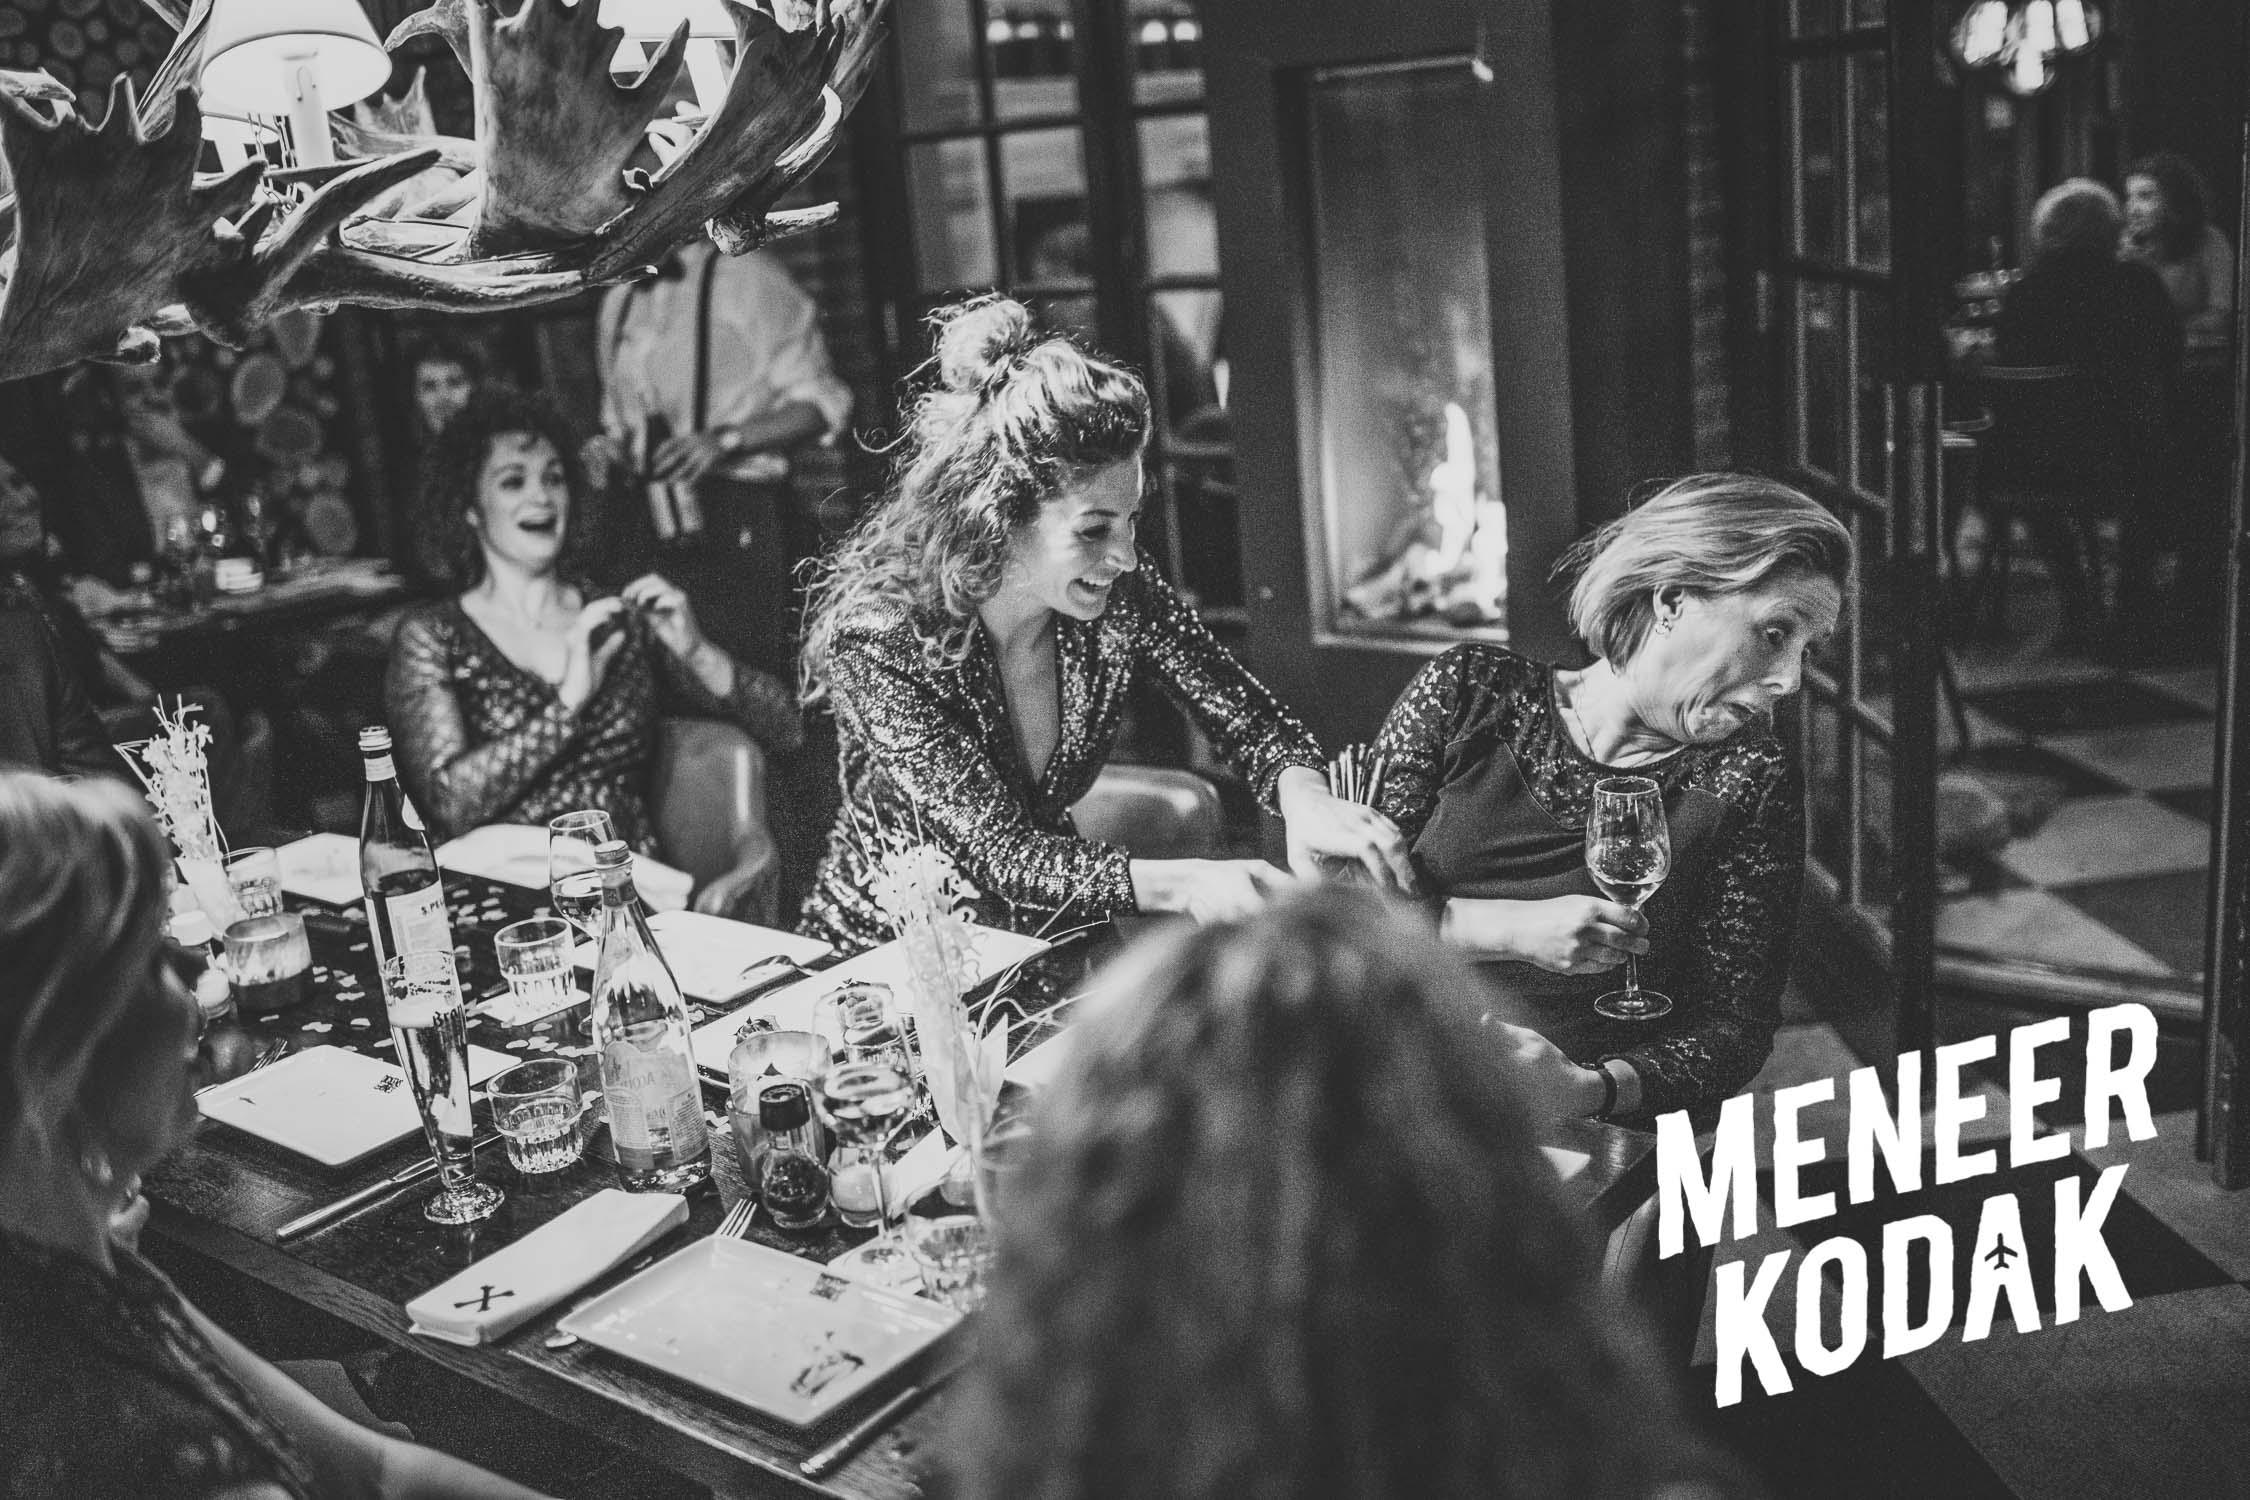 Meneer Kodak - Bruidsfotograaf - Breda - S&R-086.jpg